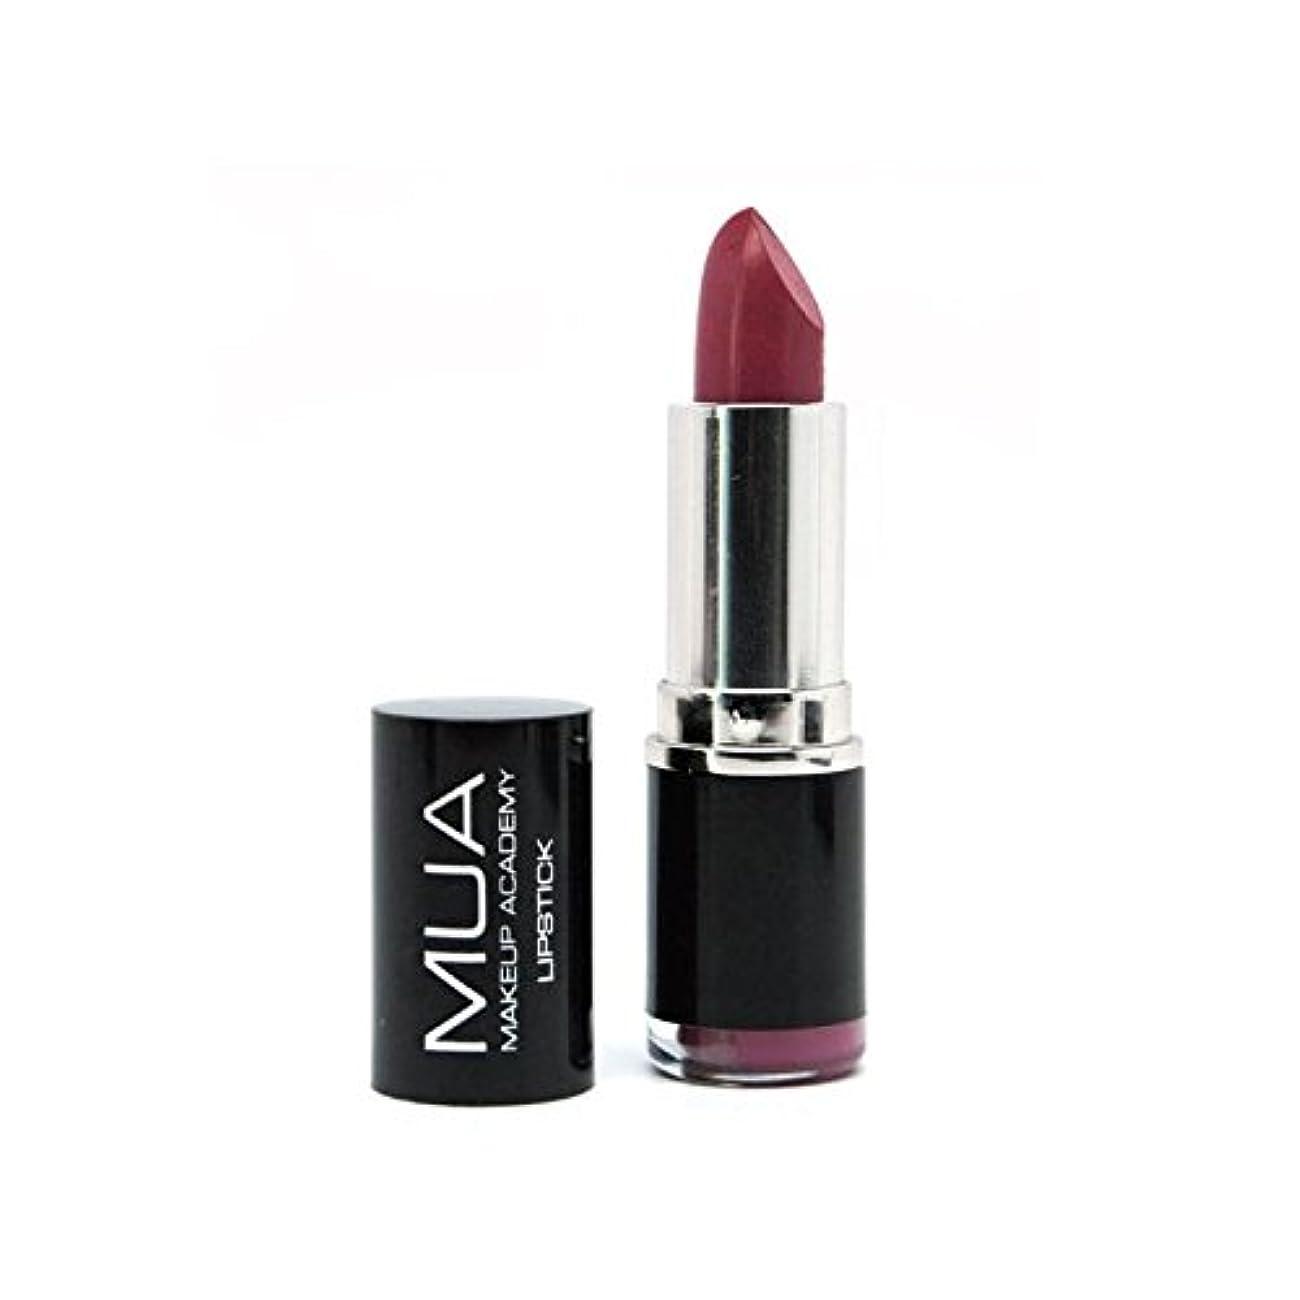 誰新しさピストルMUA Lipstick - Shade 2 (Pack of 6) - の口紅 - 日陰2 x6 [並行輸入品]